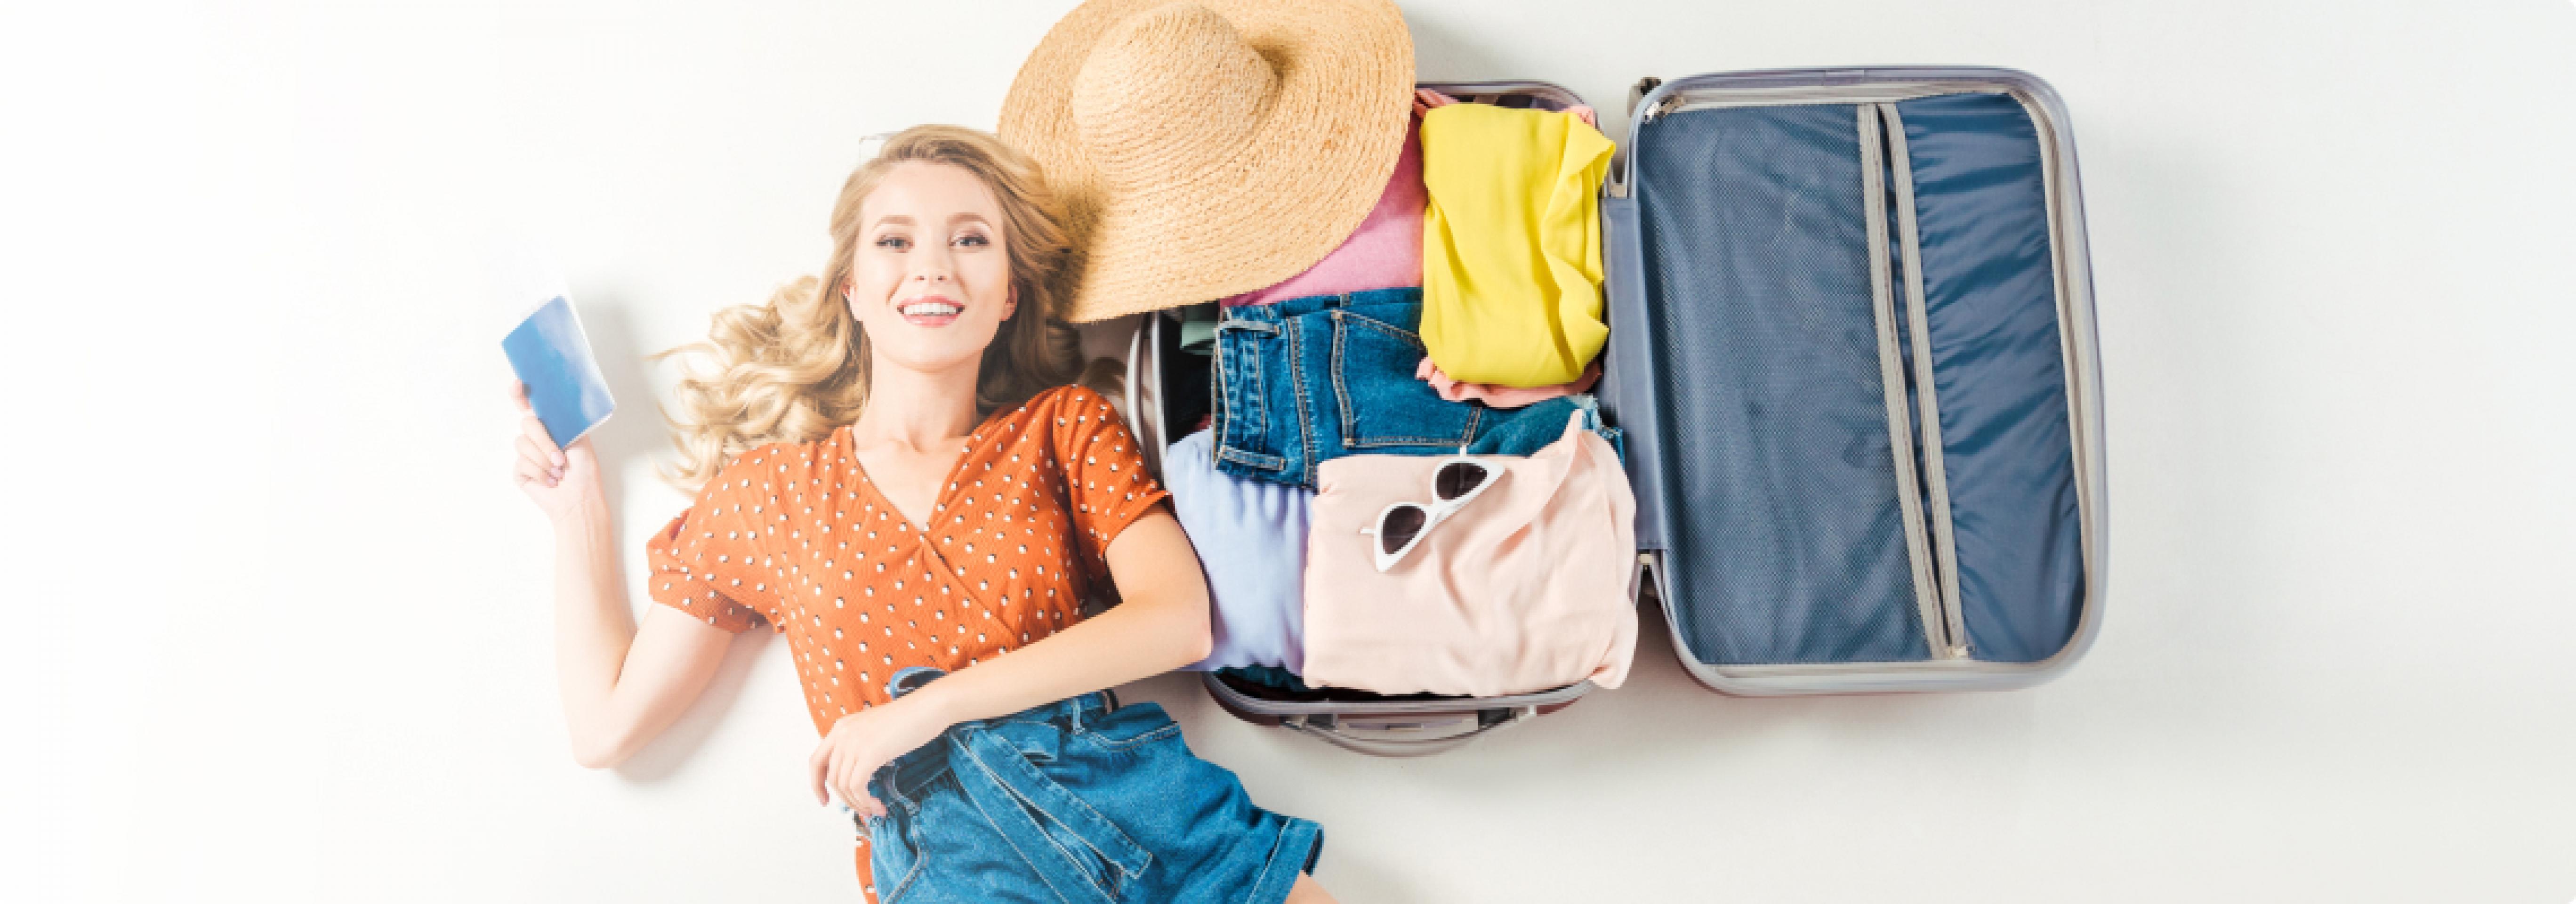 Тревел-косметичка: что взять с собой в отпуск?